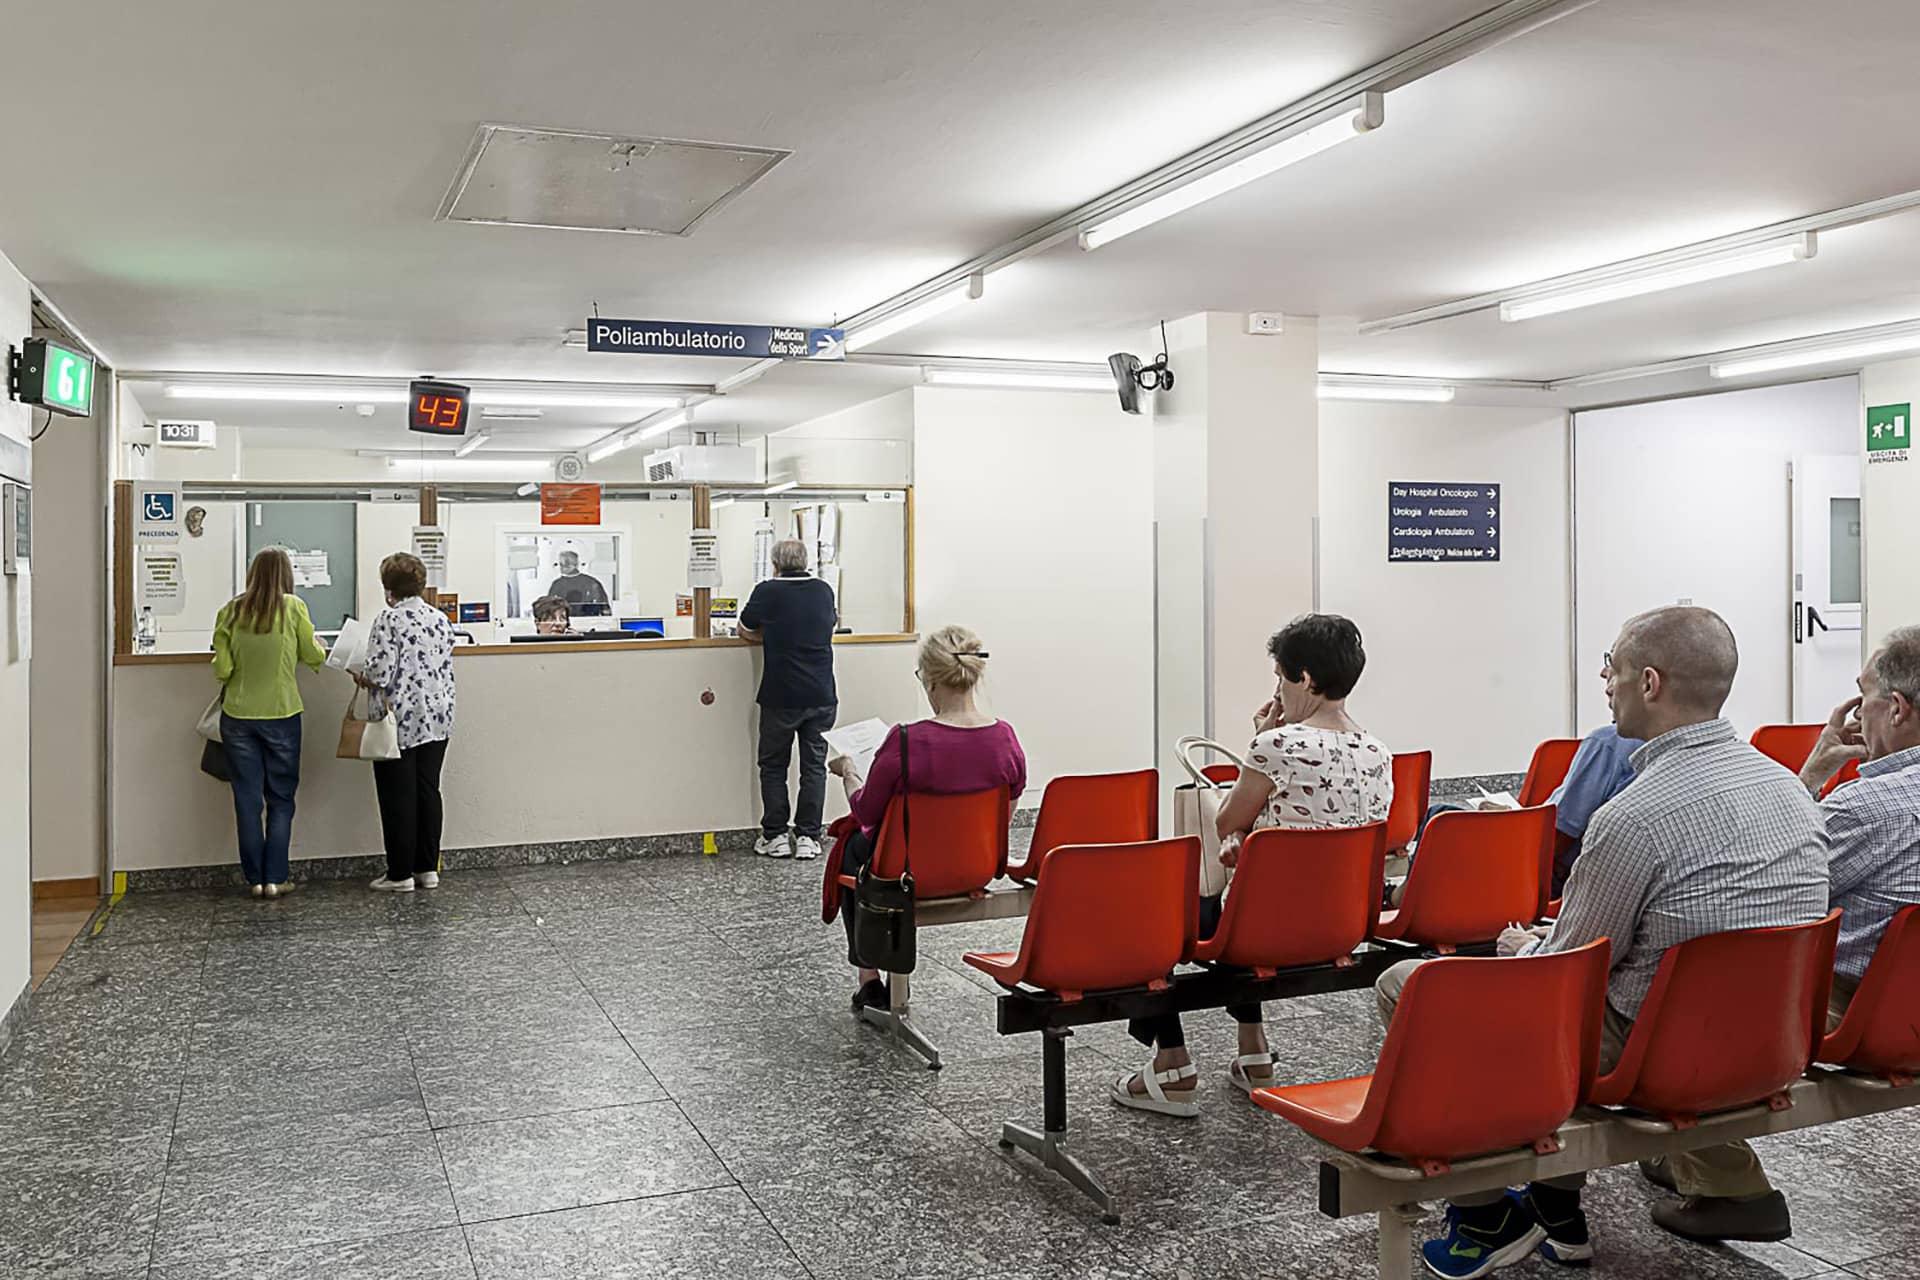 gallery-ospedale-moriggia-pelascini-gravedona (3)